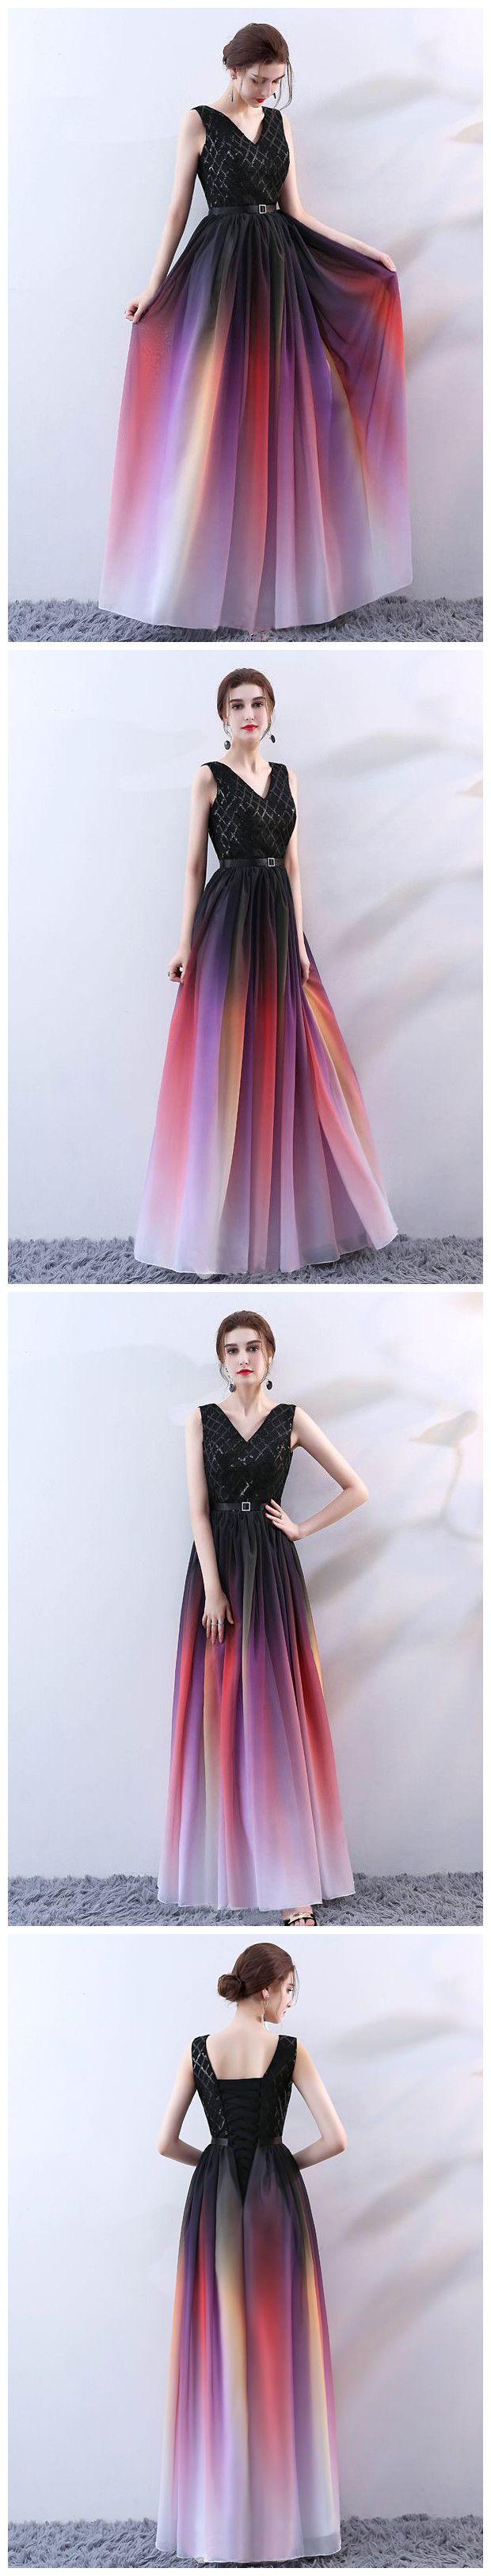 aline v neck ombre prom dresses custom long prom dresses